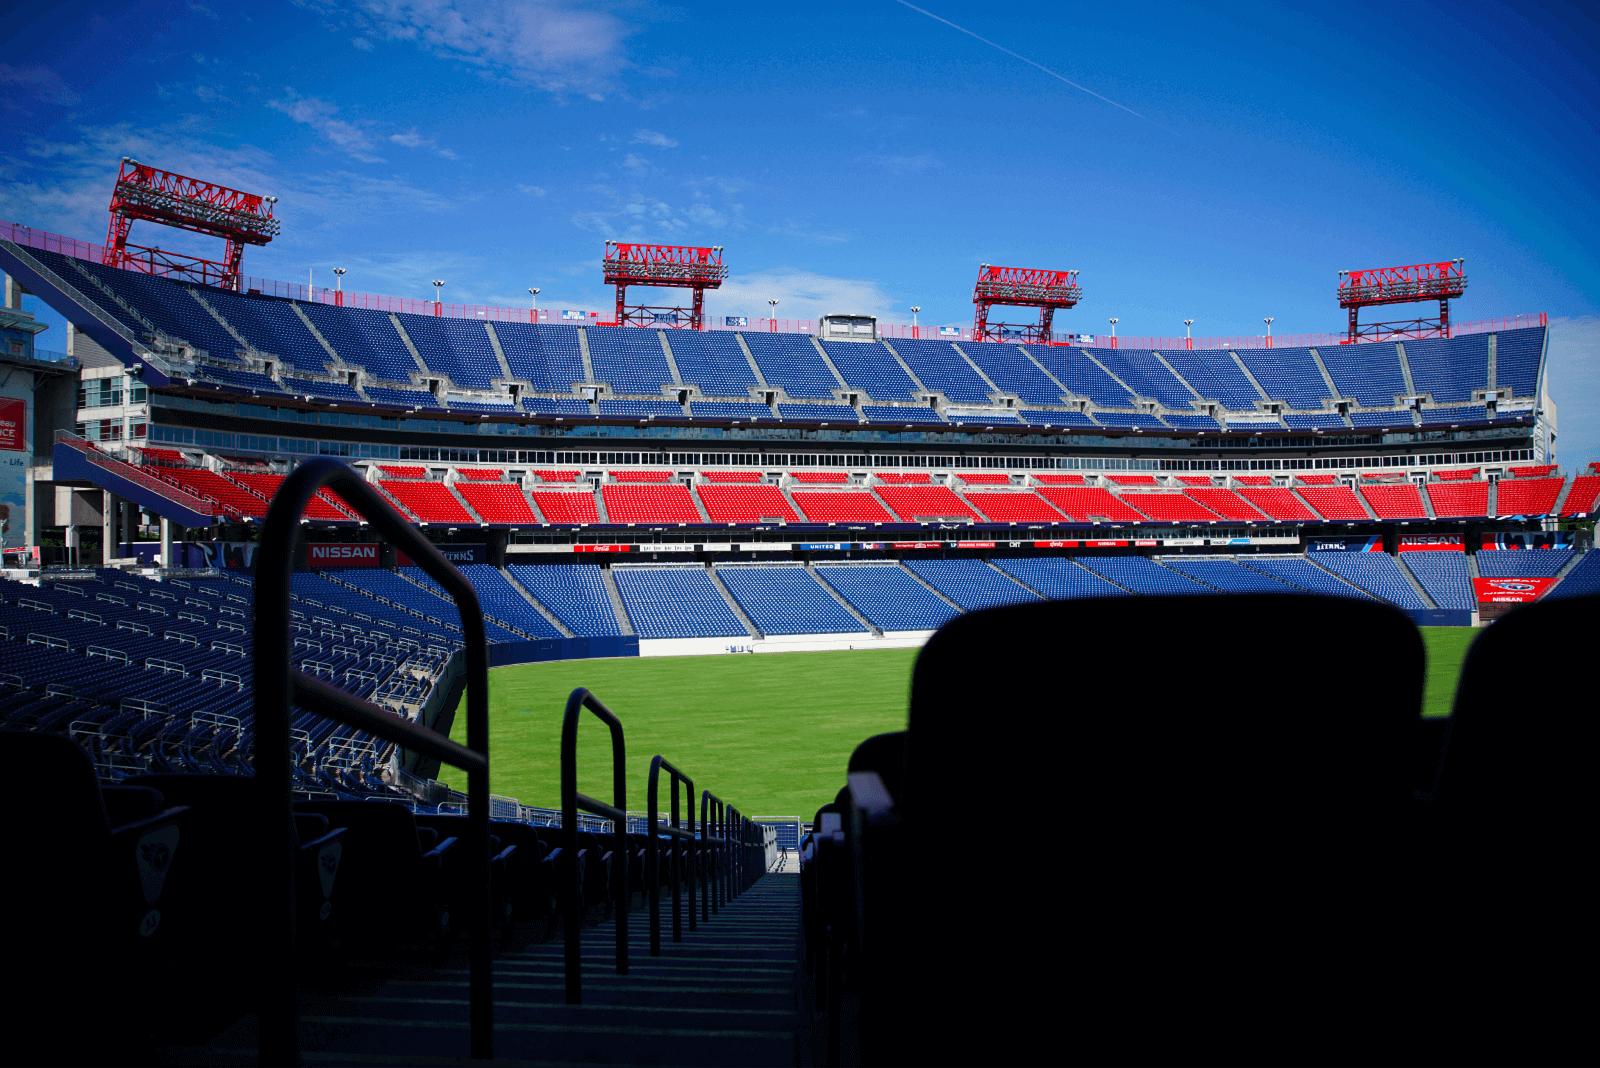 Nissan Stadium Field, Nashville Tennessee